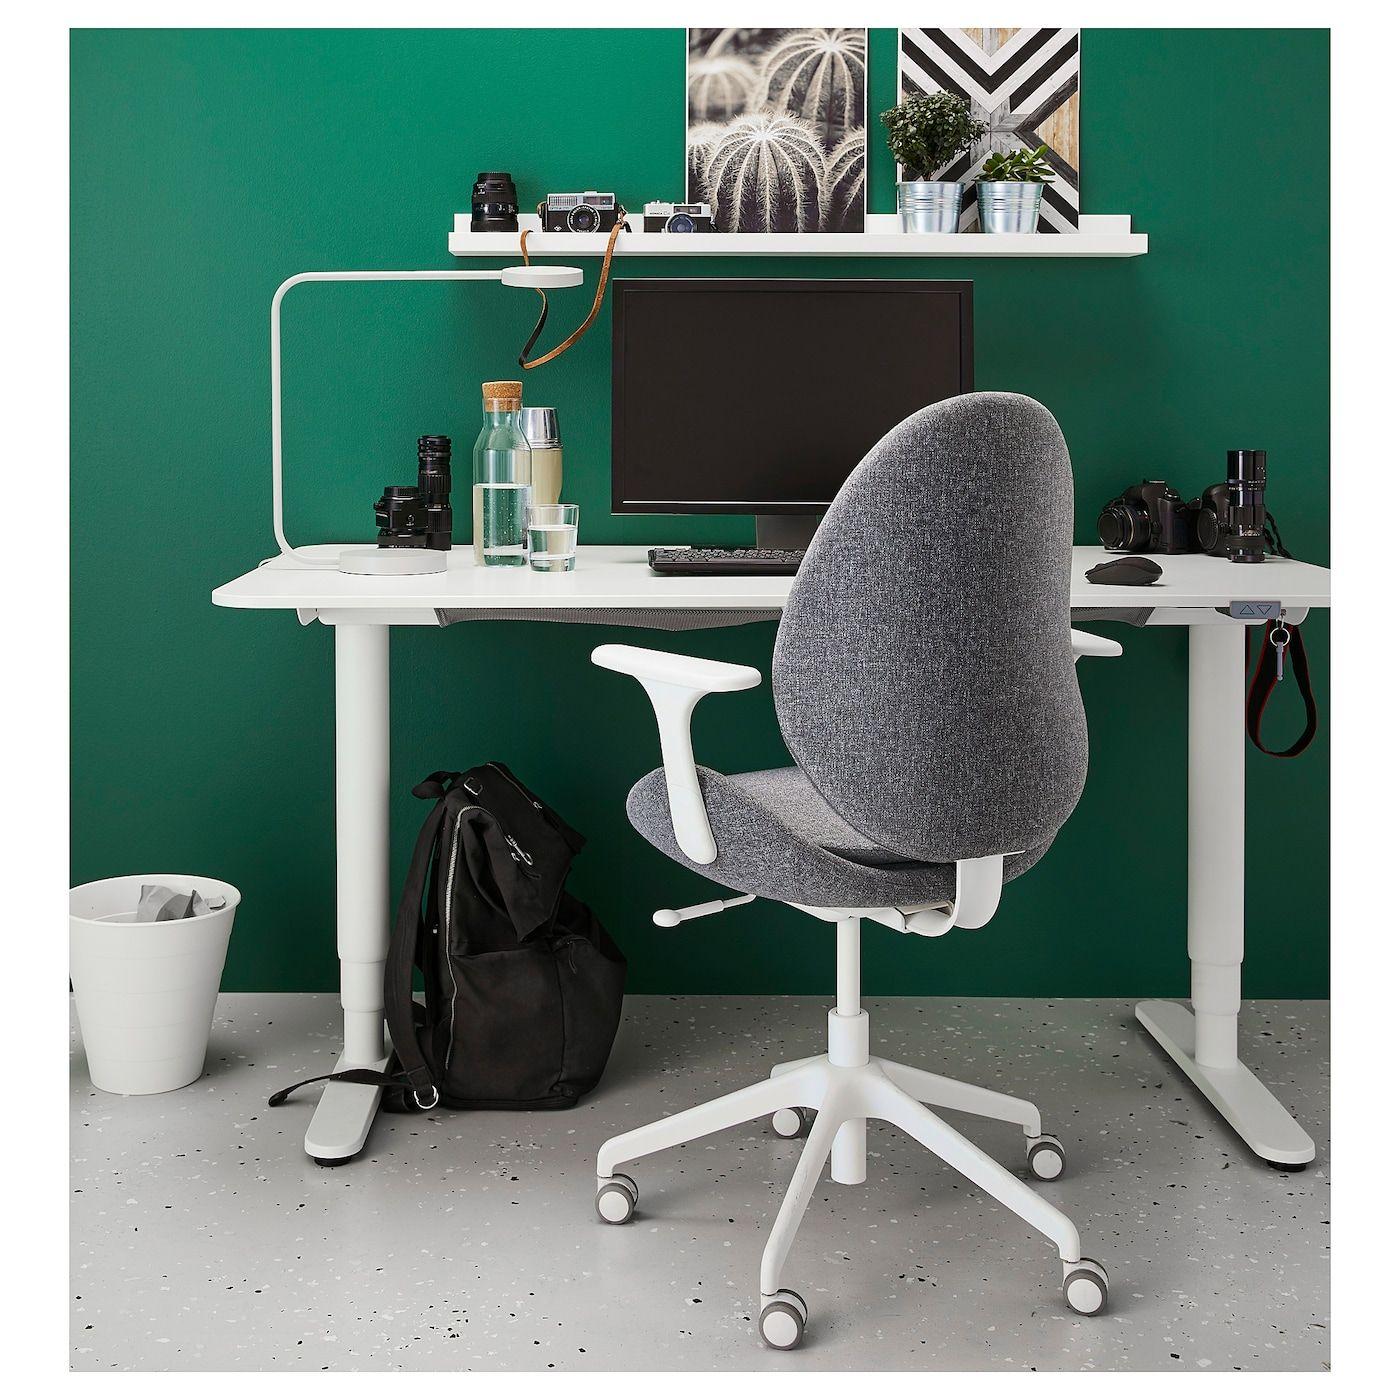 HATTEFJÄLL Office chair with armrests Gunnared medium gray